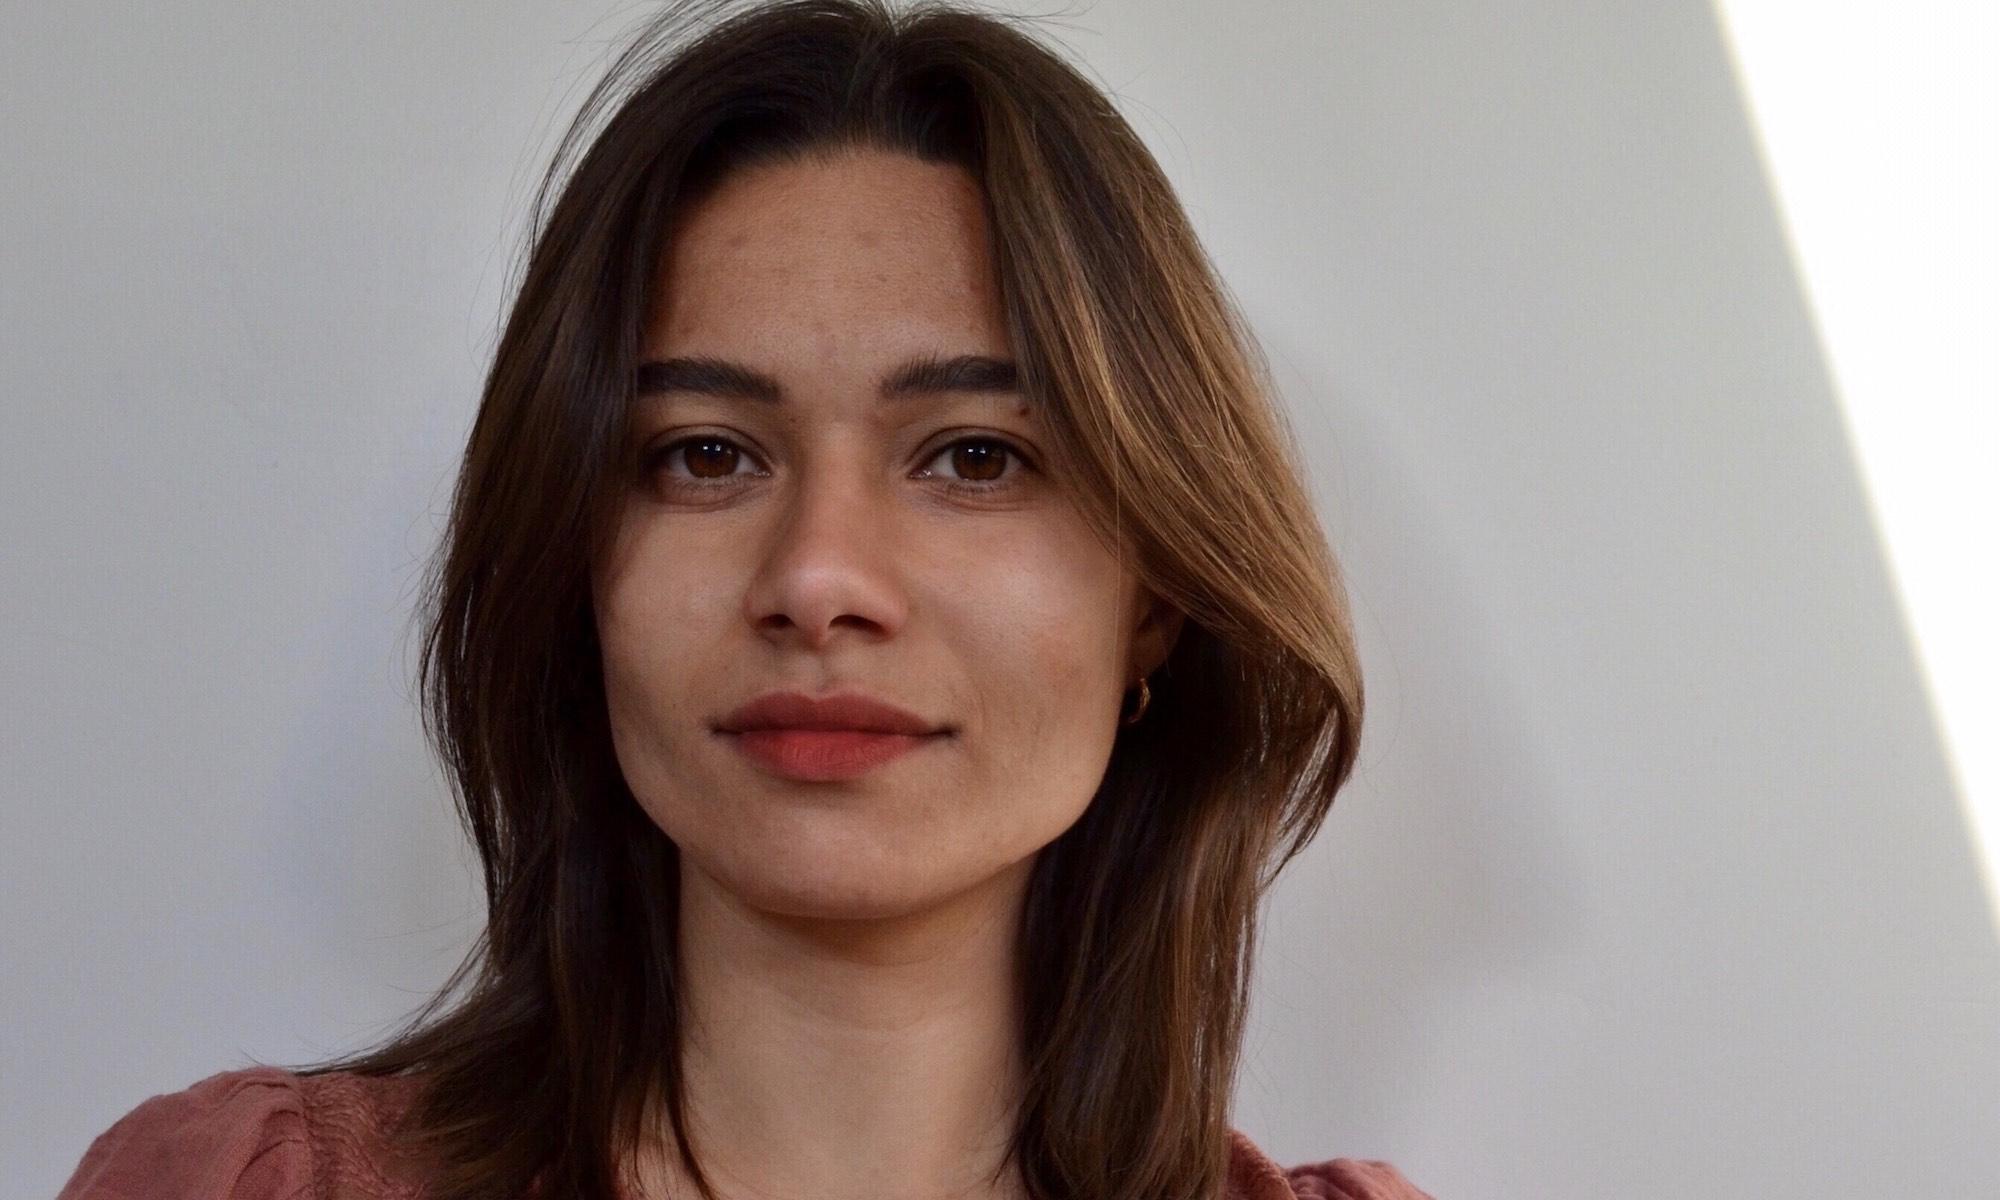 Sarah Fakih-Boisnault